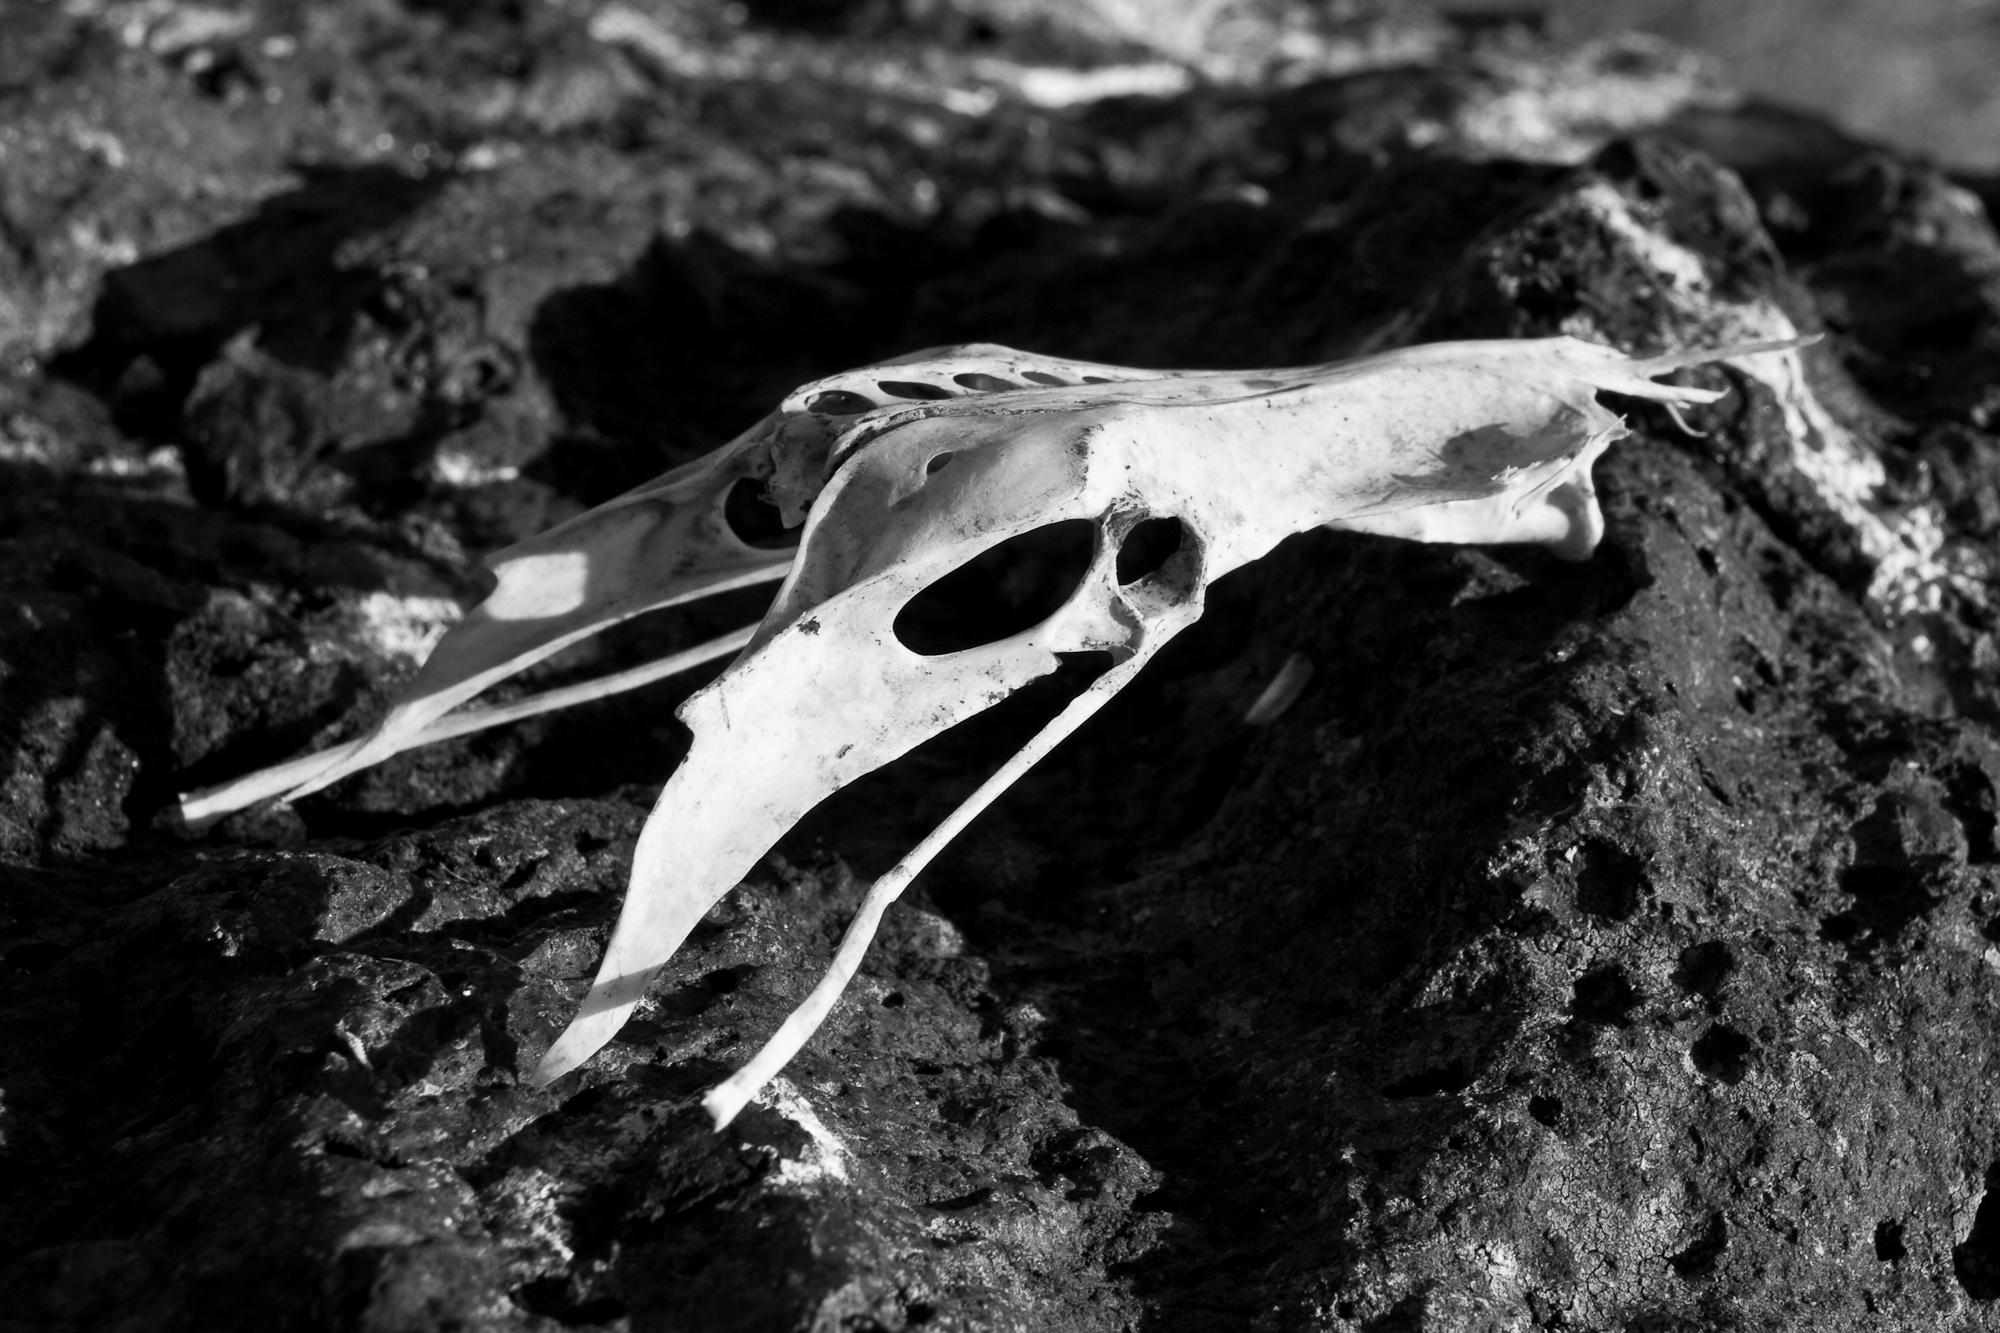 Bird skull photo